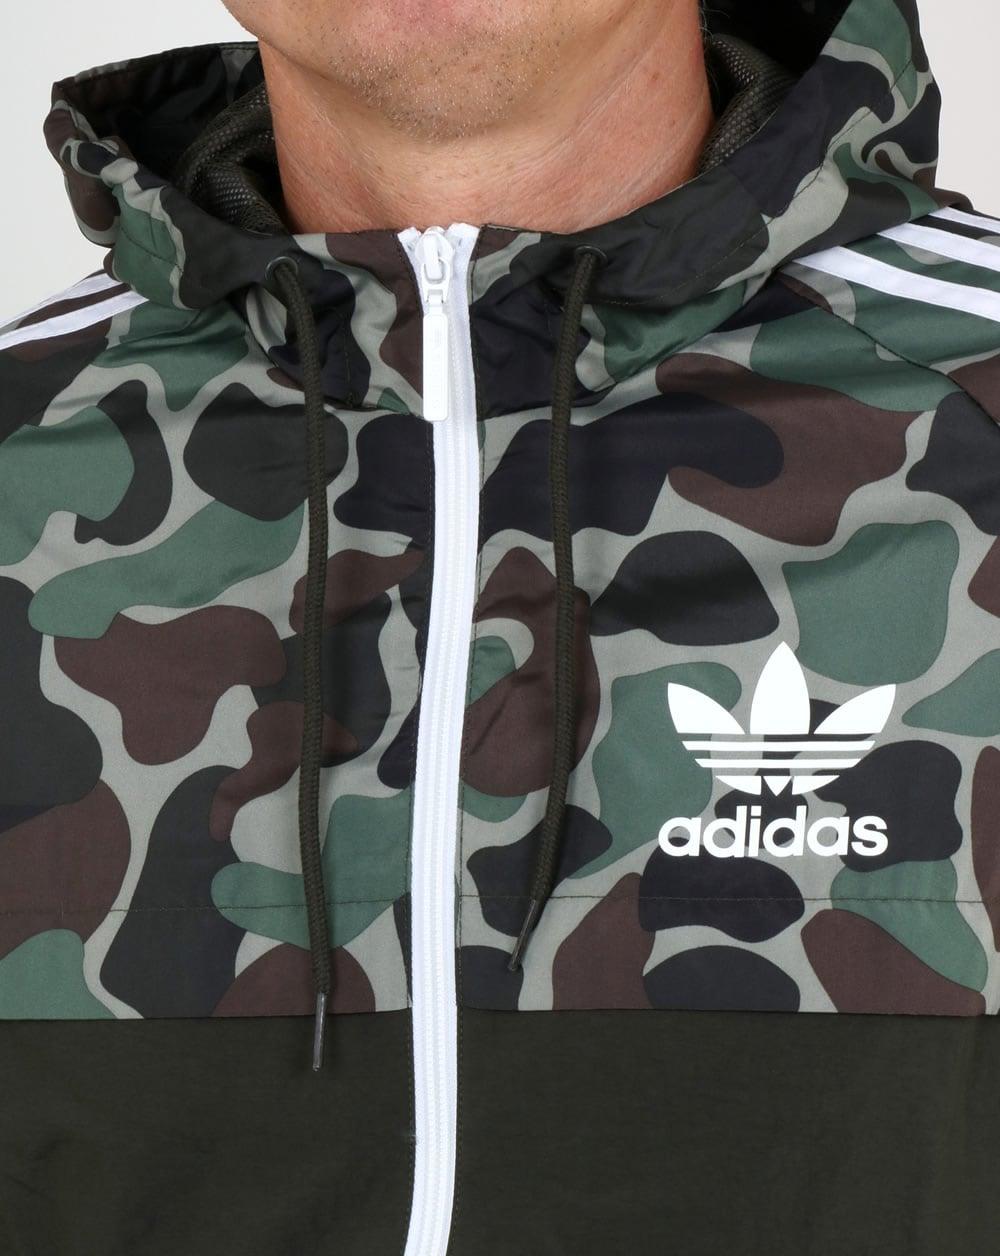 6d818f36a0d03 Adidas Originals Camo Reversible Windbreakermens,jacket,parka,shower ...